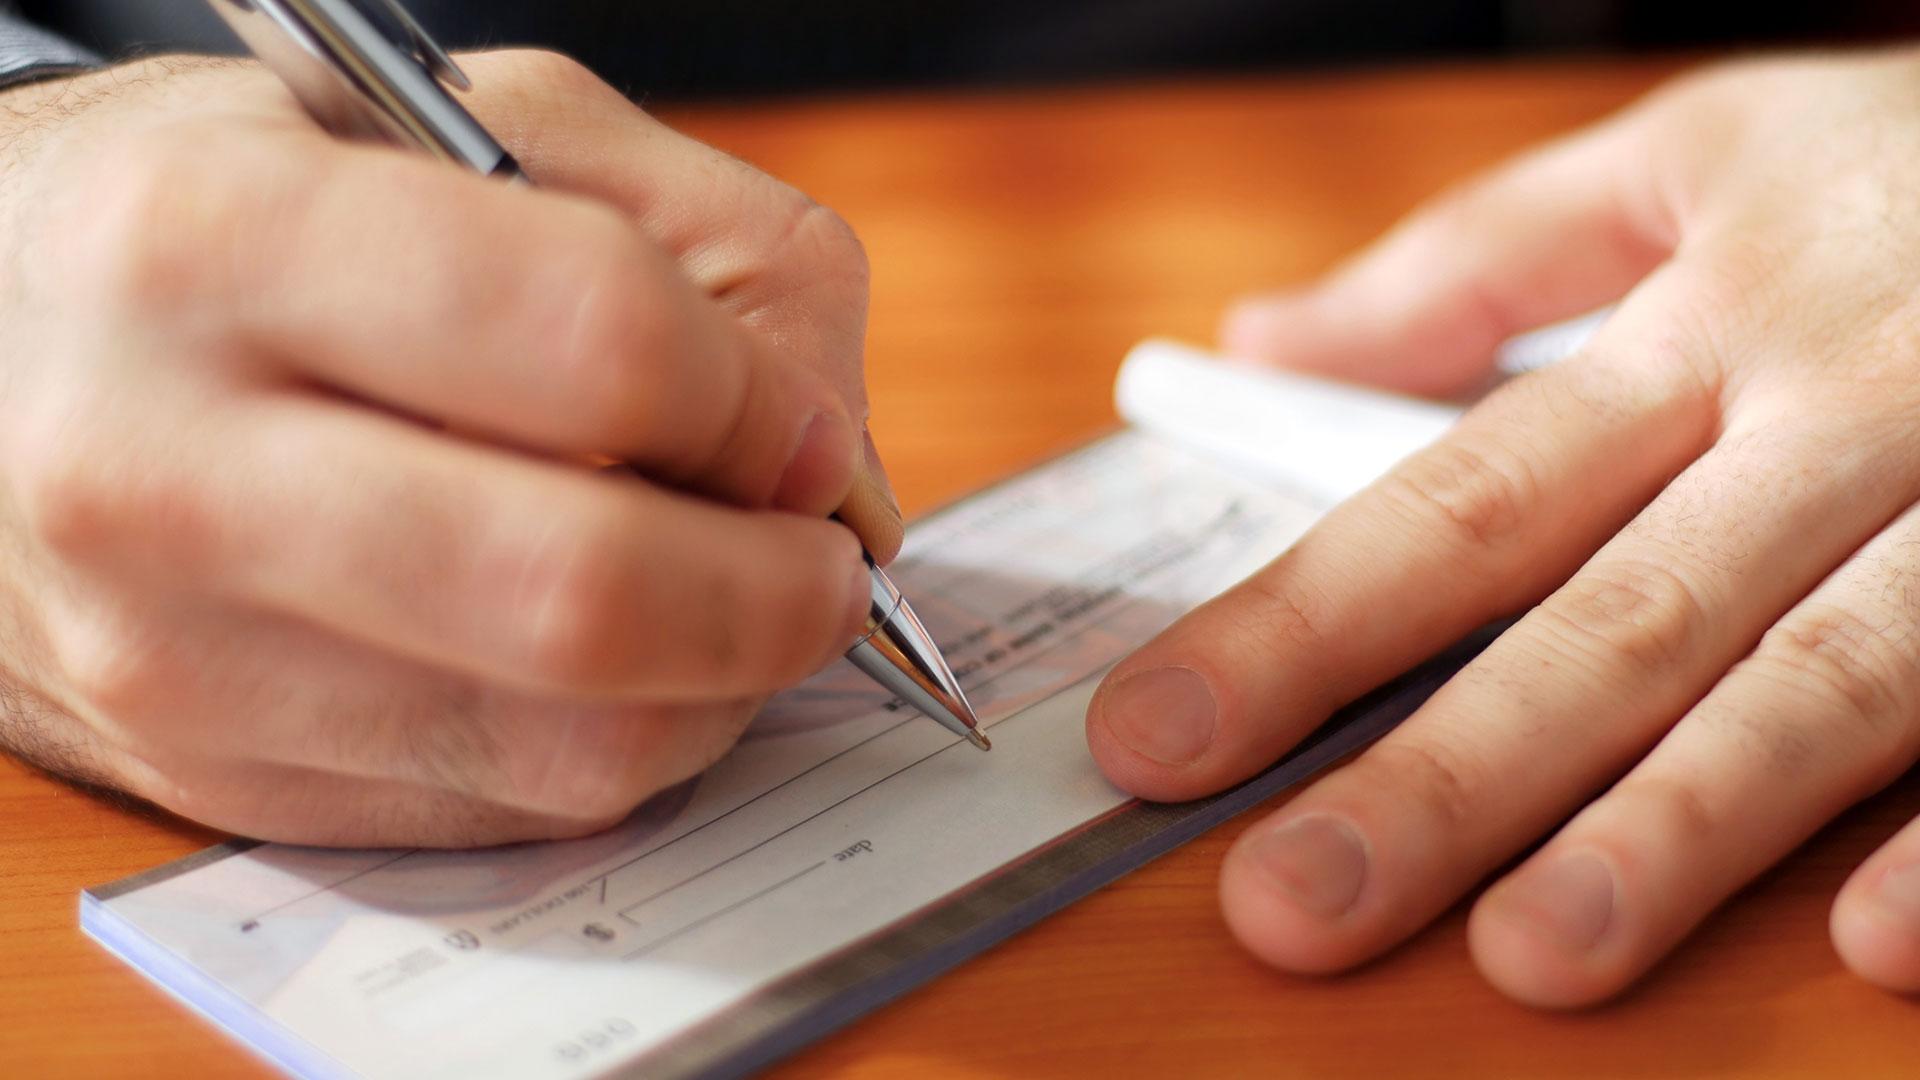 El descuento de documentos fue una de la formas de financiamiento que más disminuyó (iStock)